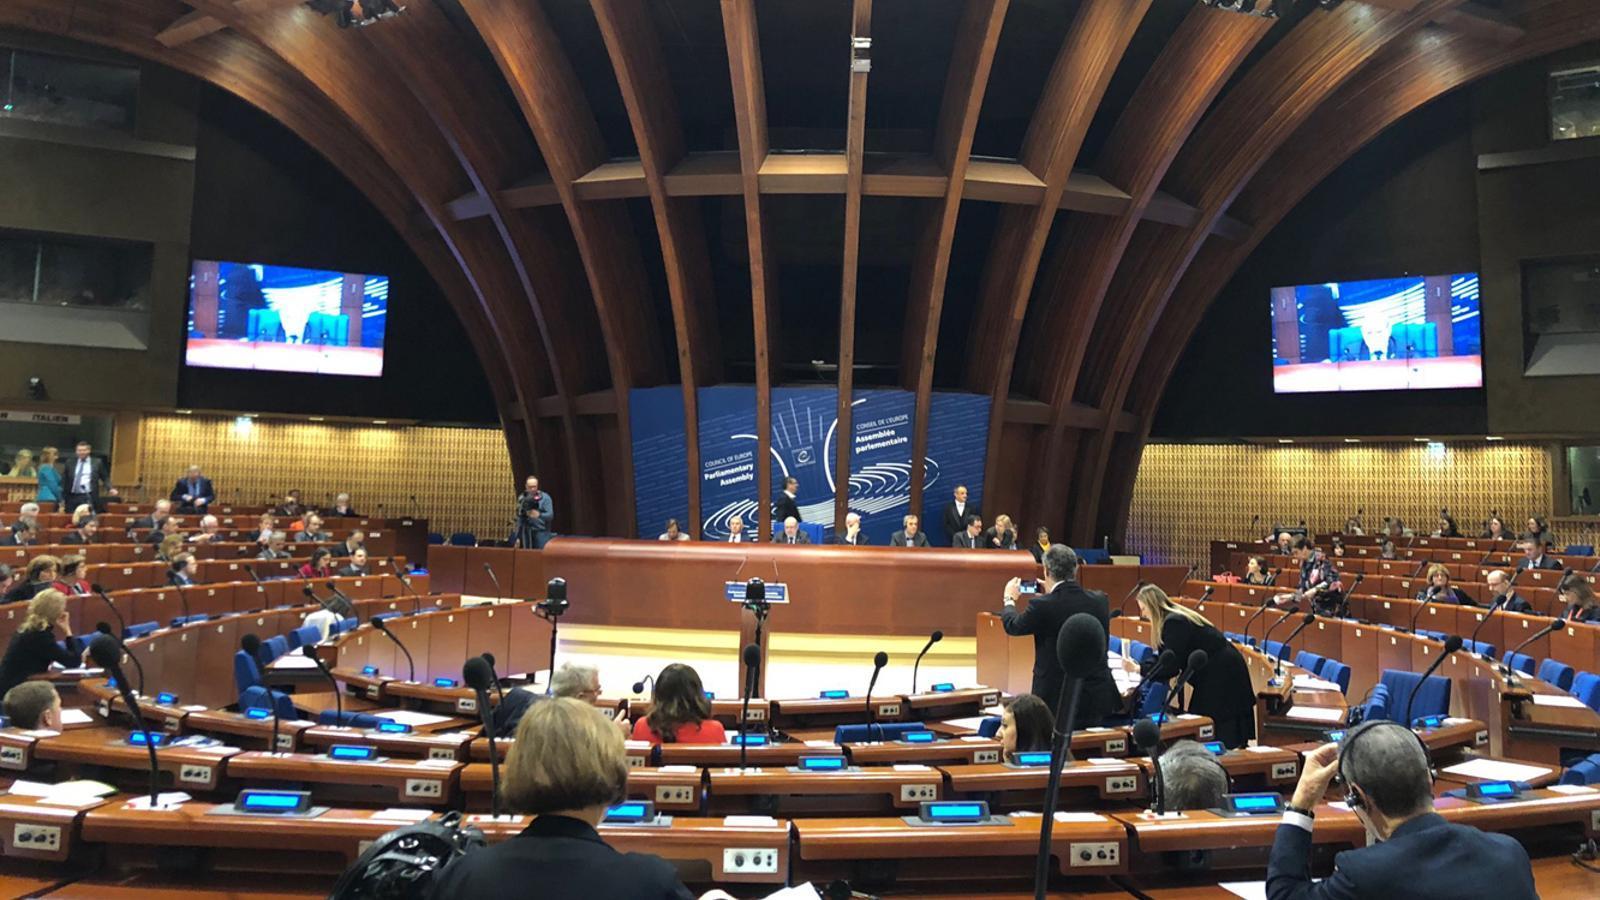 Imatge publicada per Carles Jordana aquest dilluns durant la seva participació en el plenari del Consell d'Europa. / C. J. (ANA)